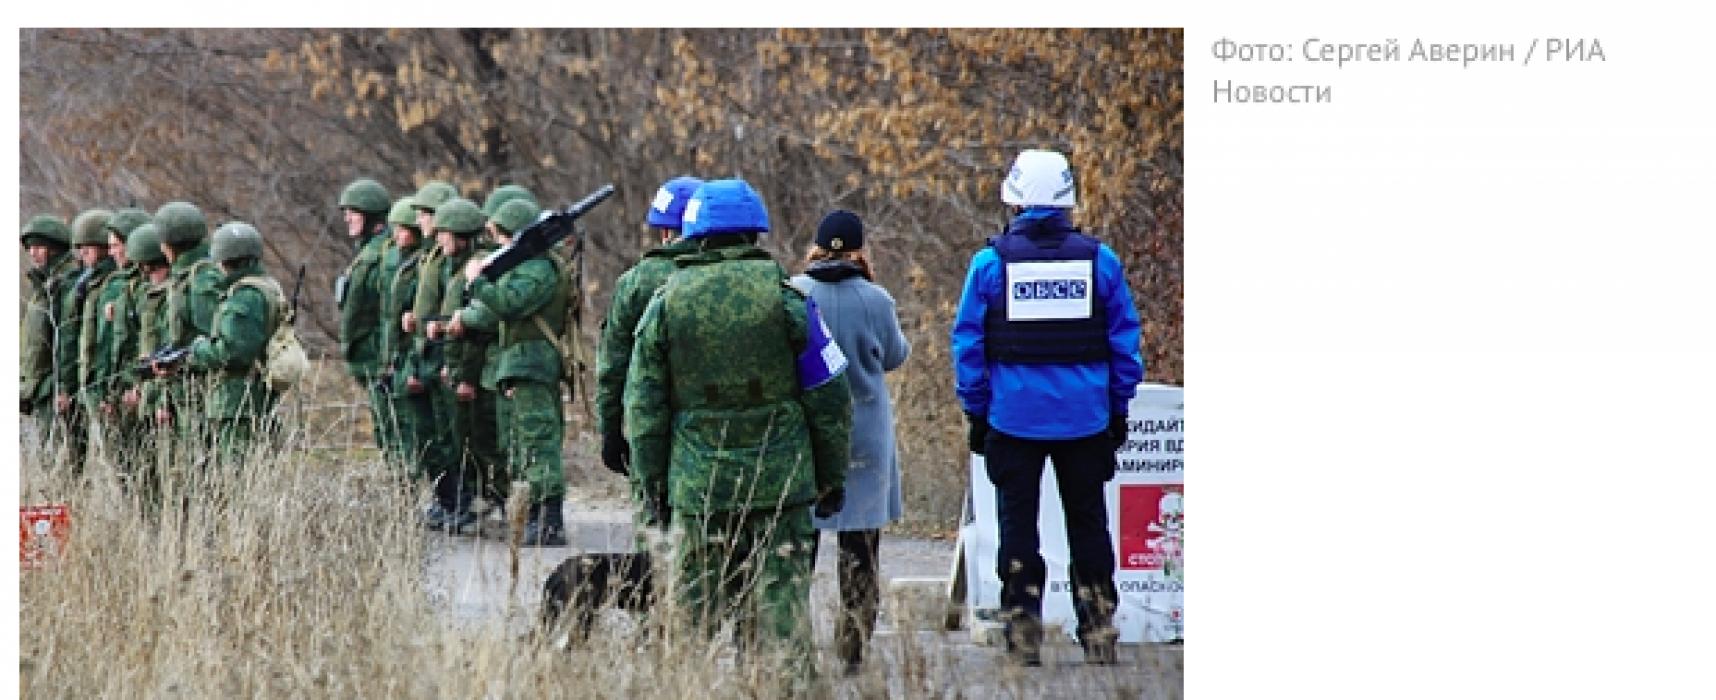 """Маніпуляція: Україна визнала неспроможність """"повернути Донбас"""""""